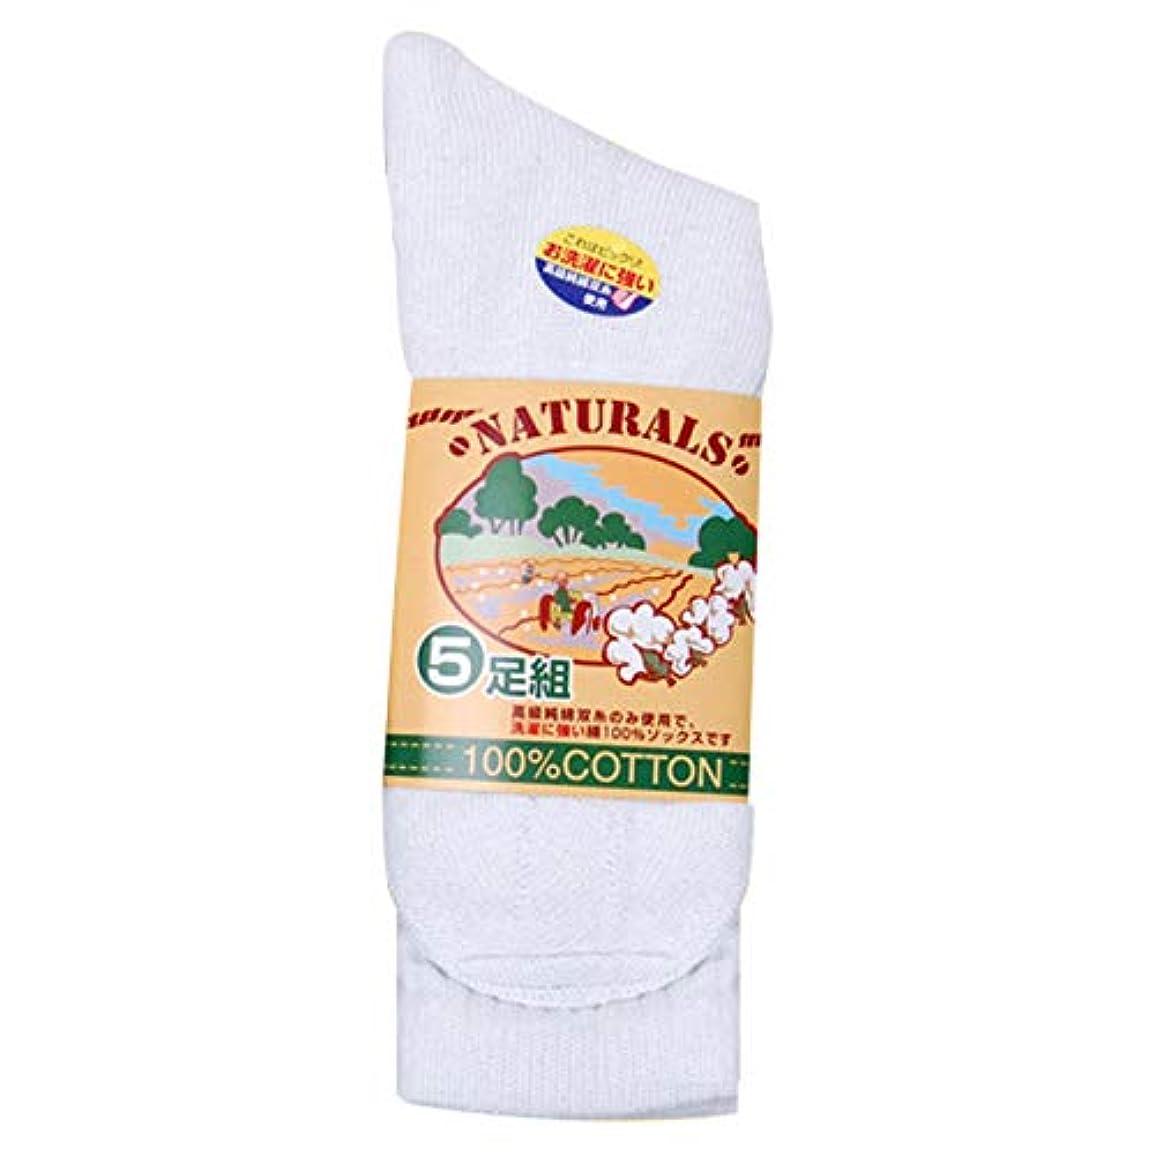 専ら出しますNATURALS 綿100% 洗濯に強い先丸軍足 5足組 naturals01